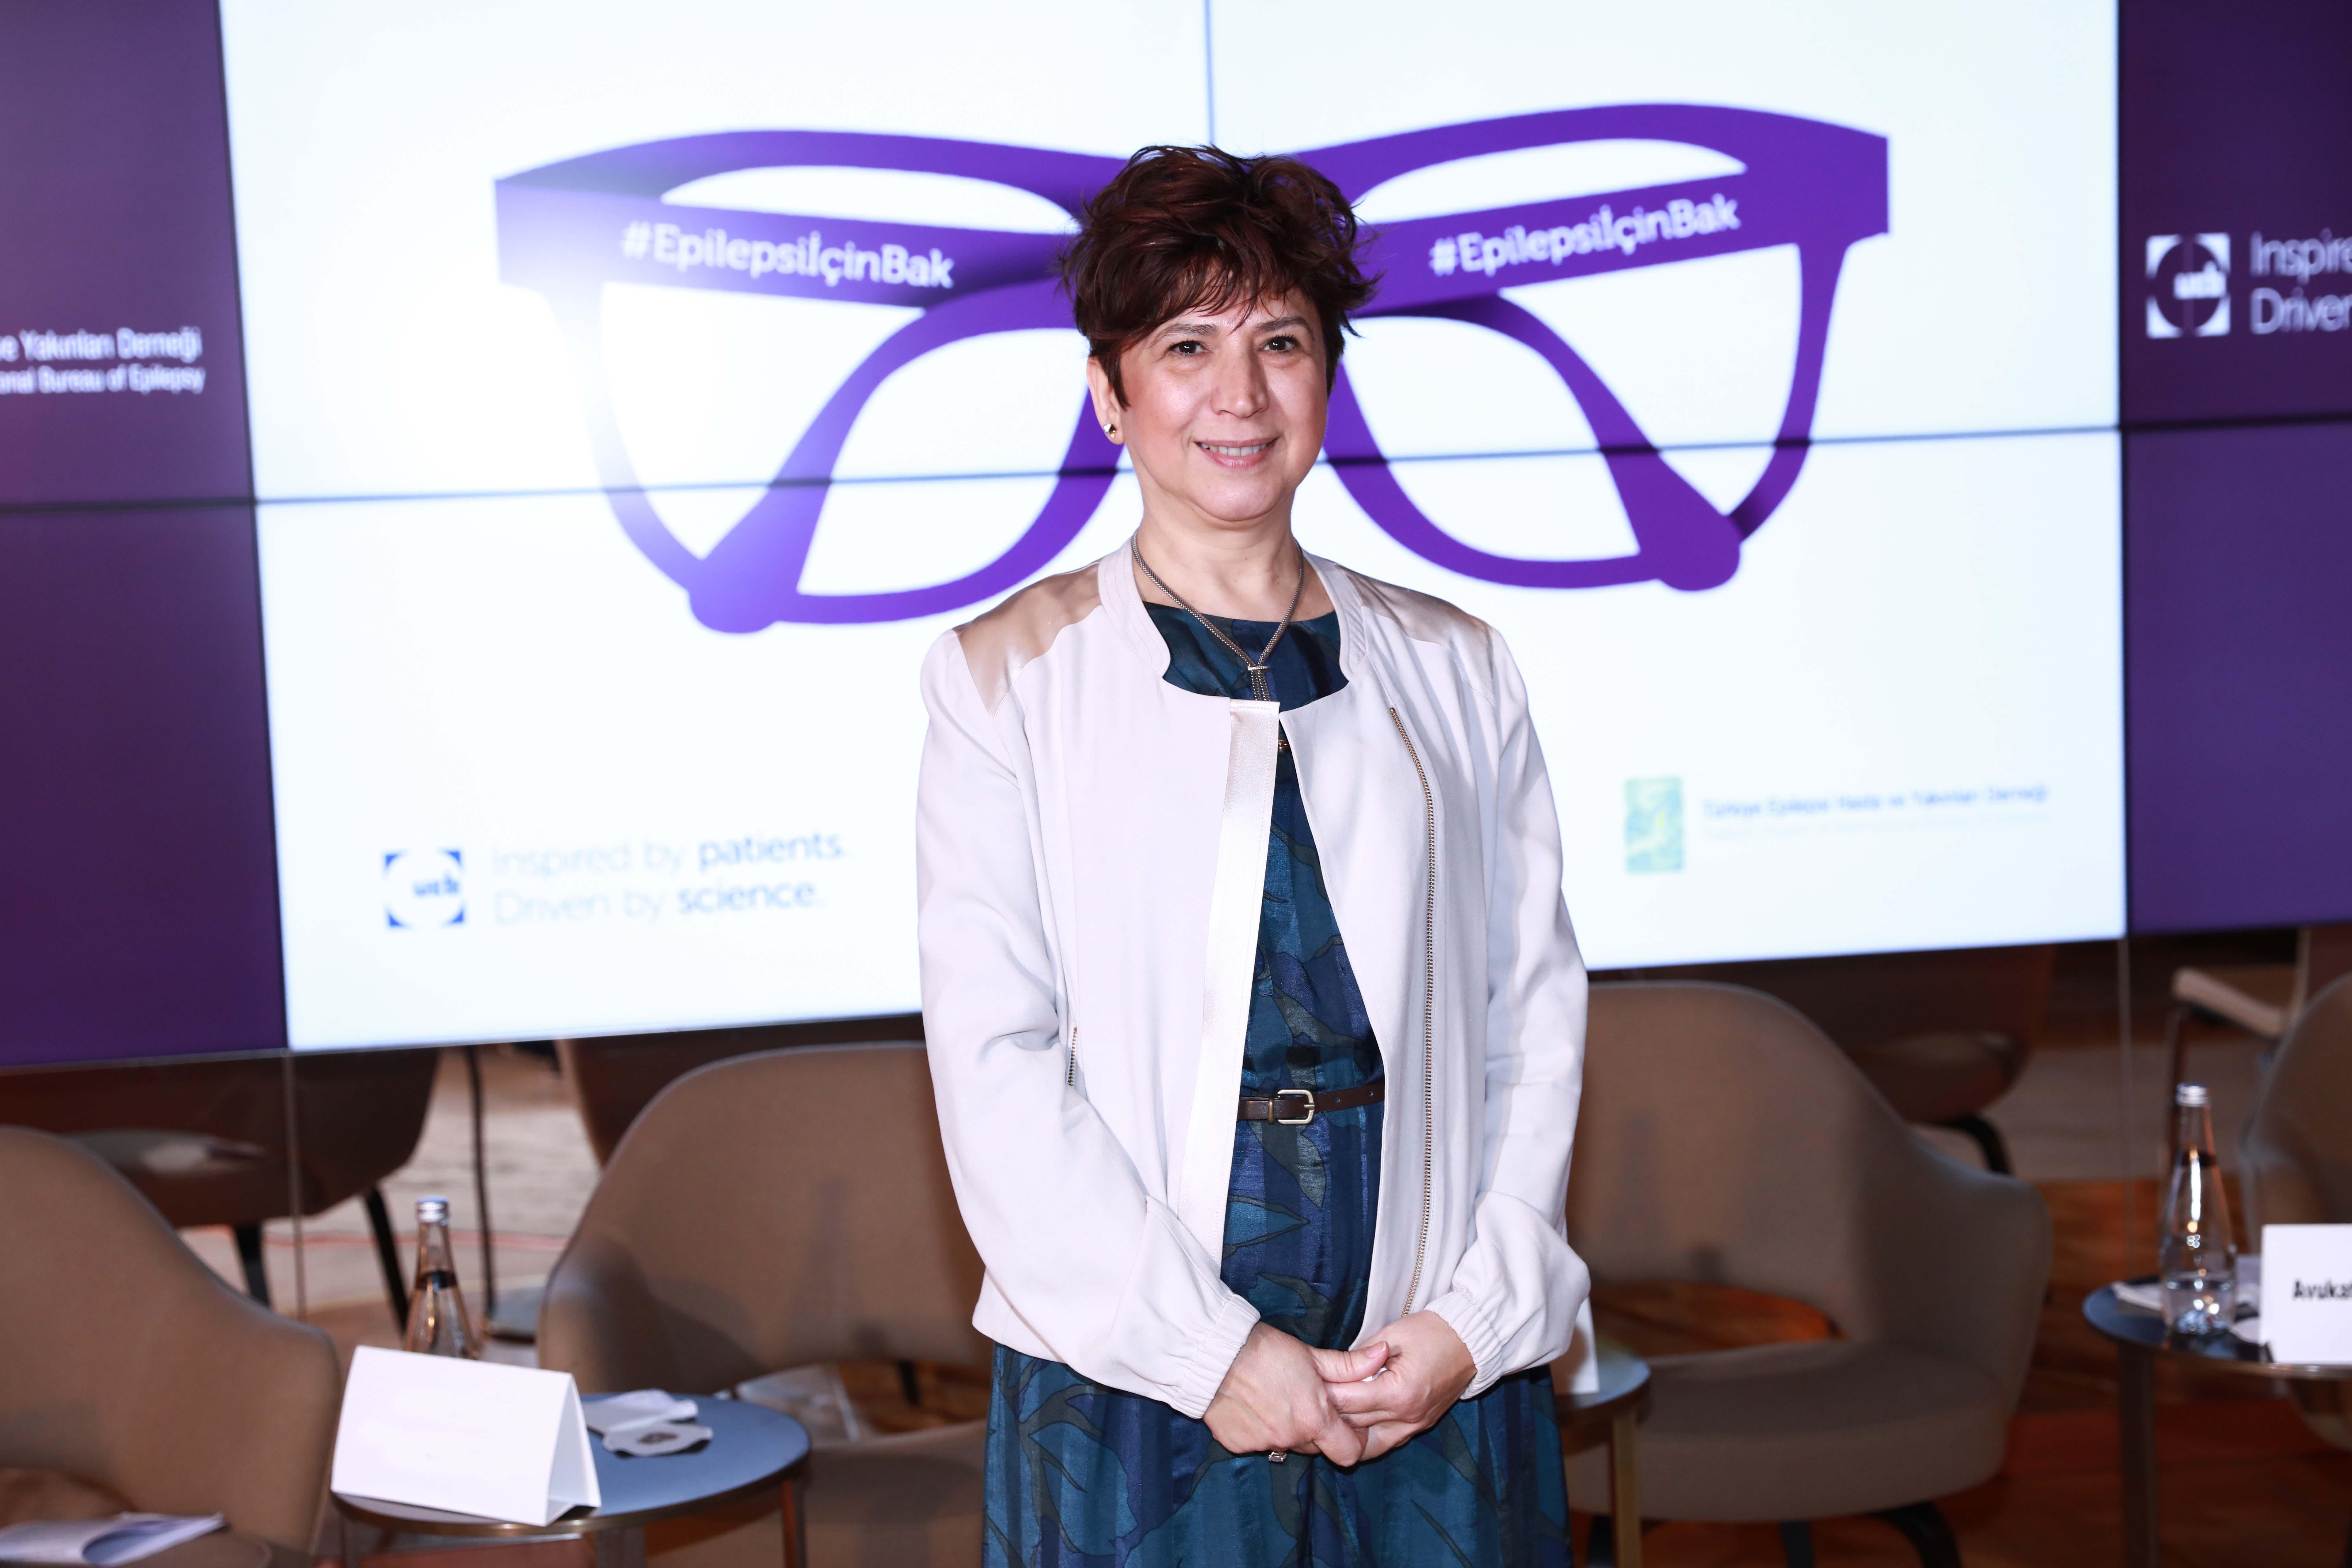 Photo of Farklı Bakma, Farkında Ol  #Epilepsi İçin Bak